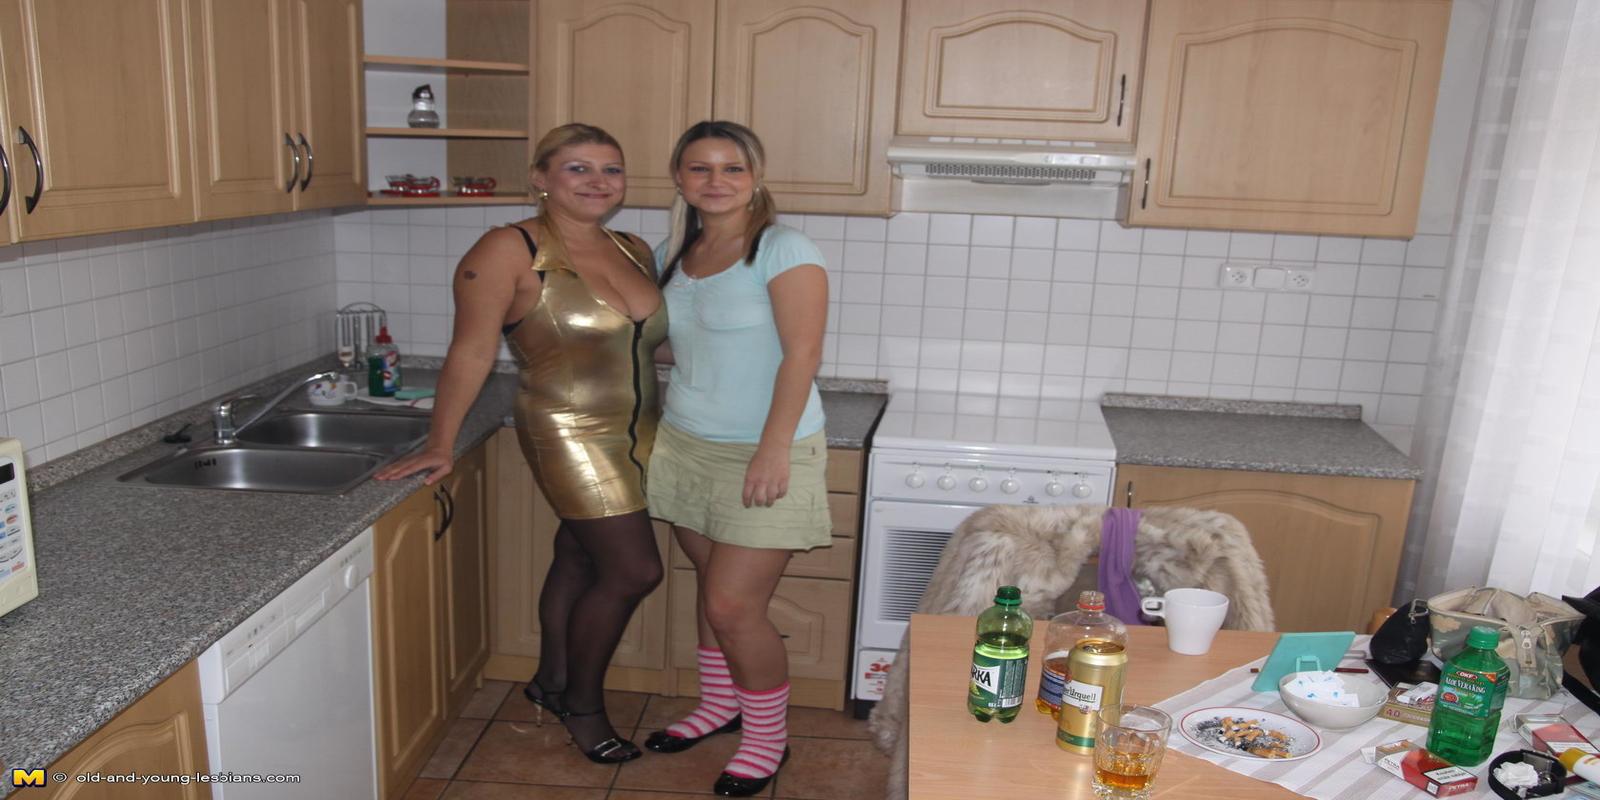 hot-titteds-teen-milfs-all-nude-oily-girls